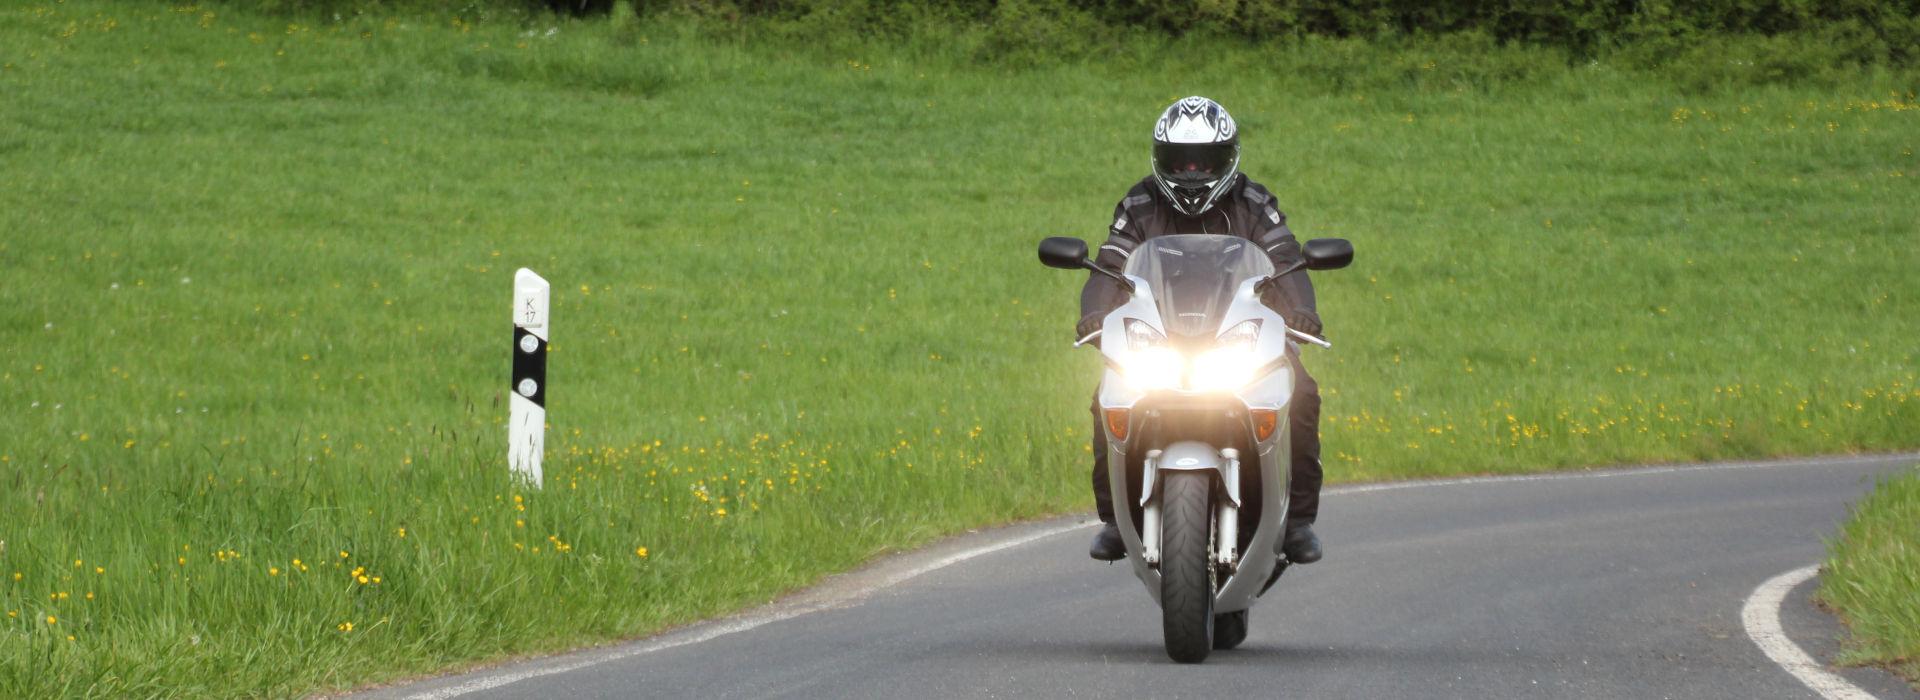 Motorrijbewijspoint Reeuwijk snel motorrijbewijs halen